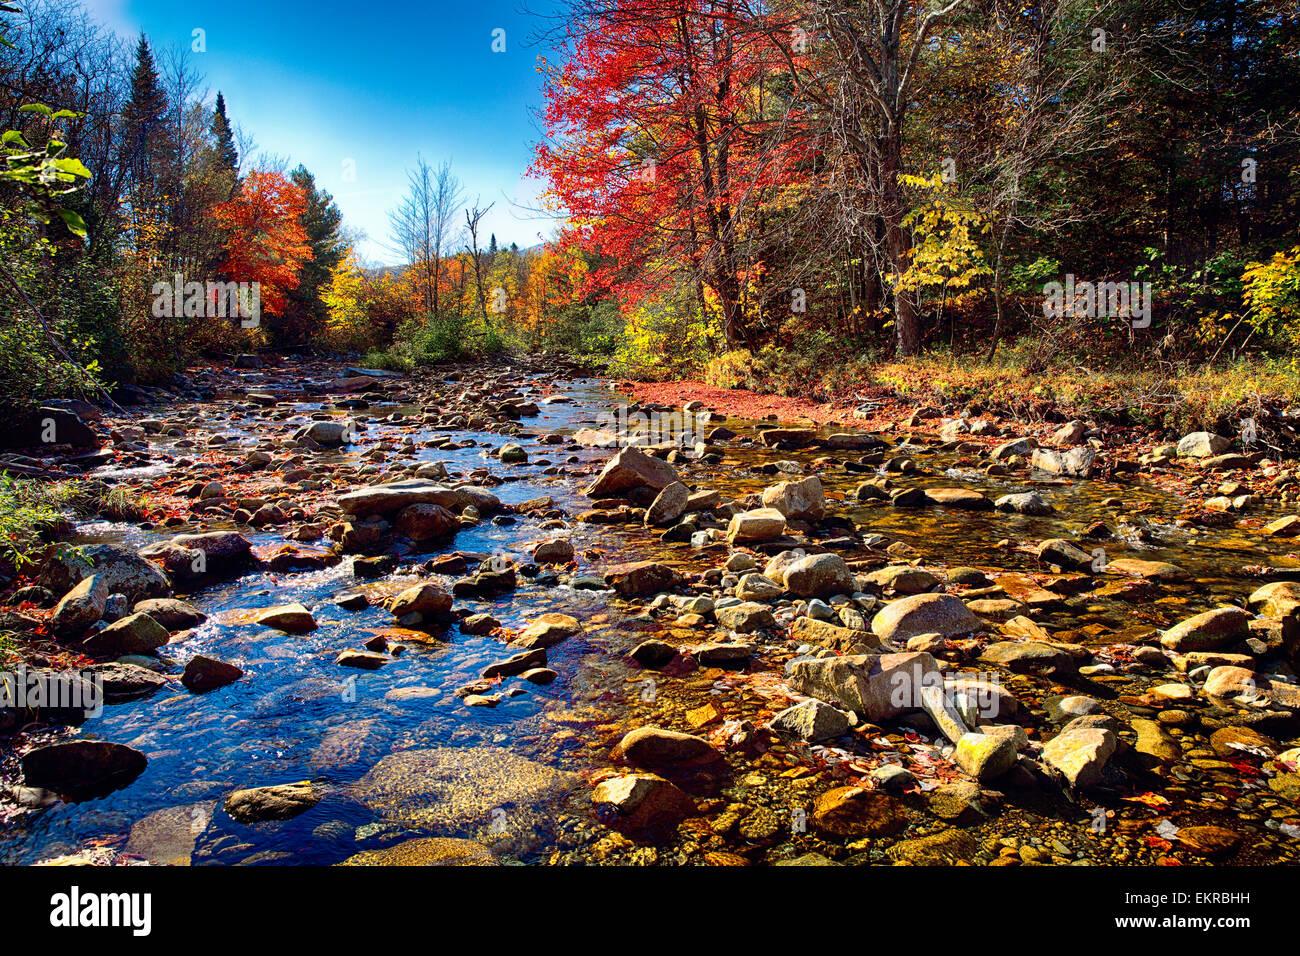 Basso angolo di vista di un roccioso il letto del fiume con la caduta delle foglie, Franconia, New Hampshire, STATI UNITI D'AMERICA Foto Stock